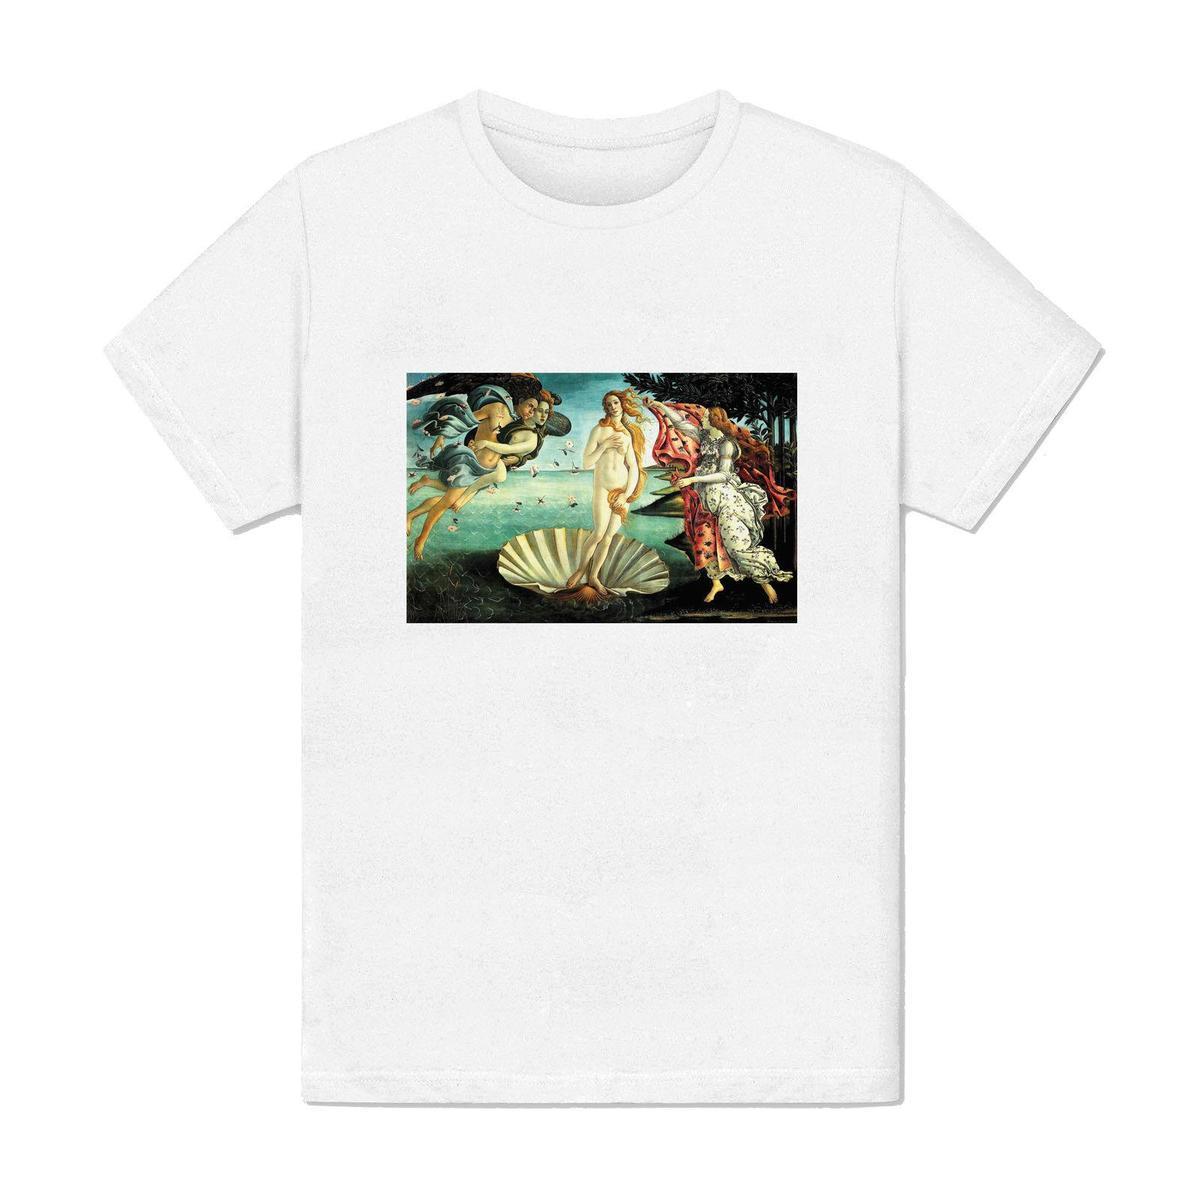 cf683658c02e1 T Shirt Homme Venus De Milo Vénus Peinture Classique Rococo Nue Fashion Art  T Shirt Logos Trendy T Shirts From Linnan001